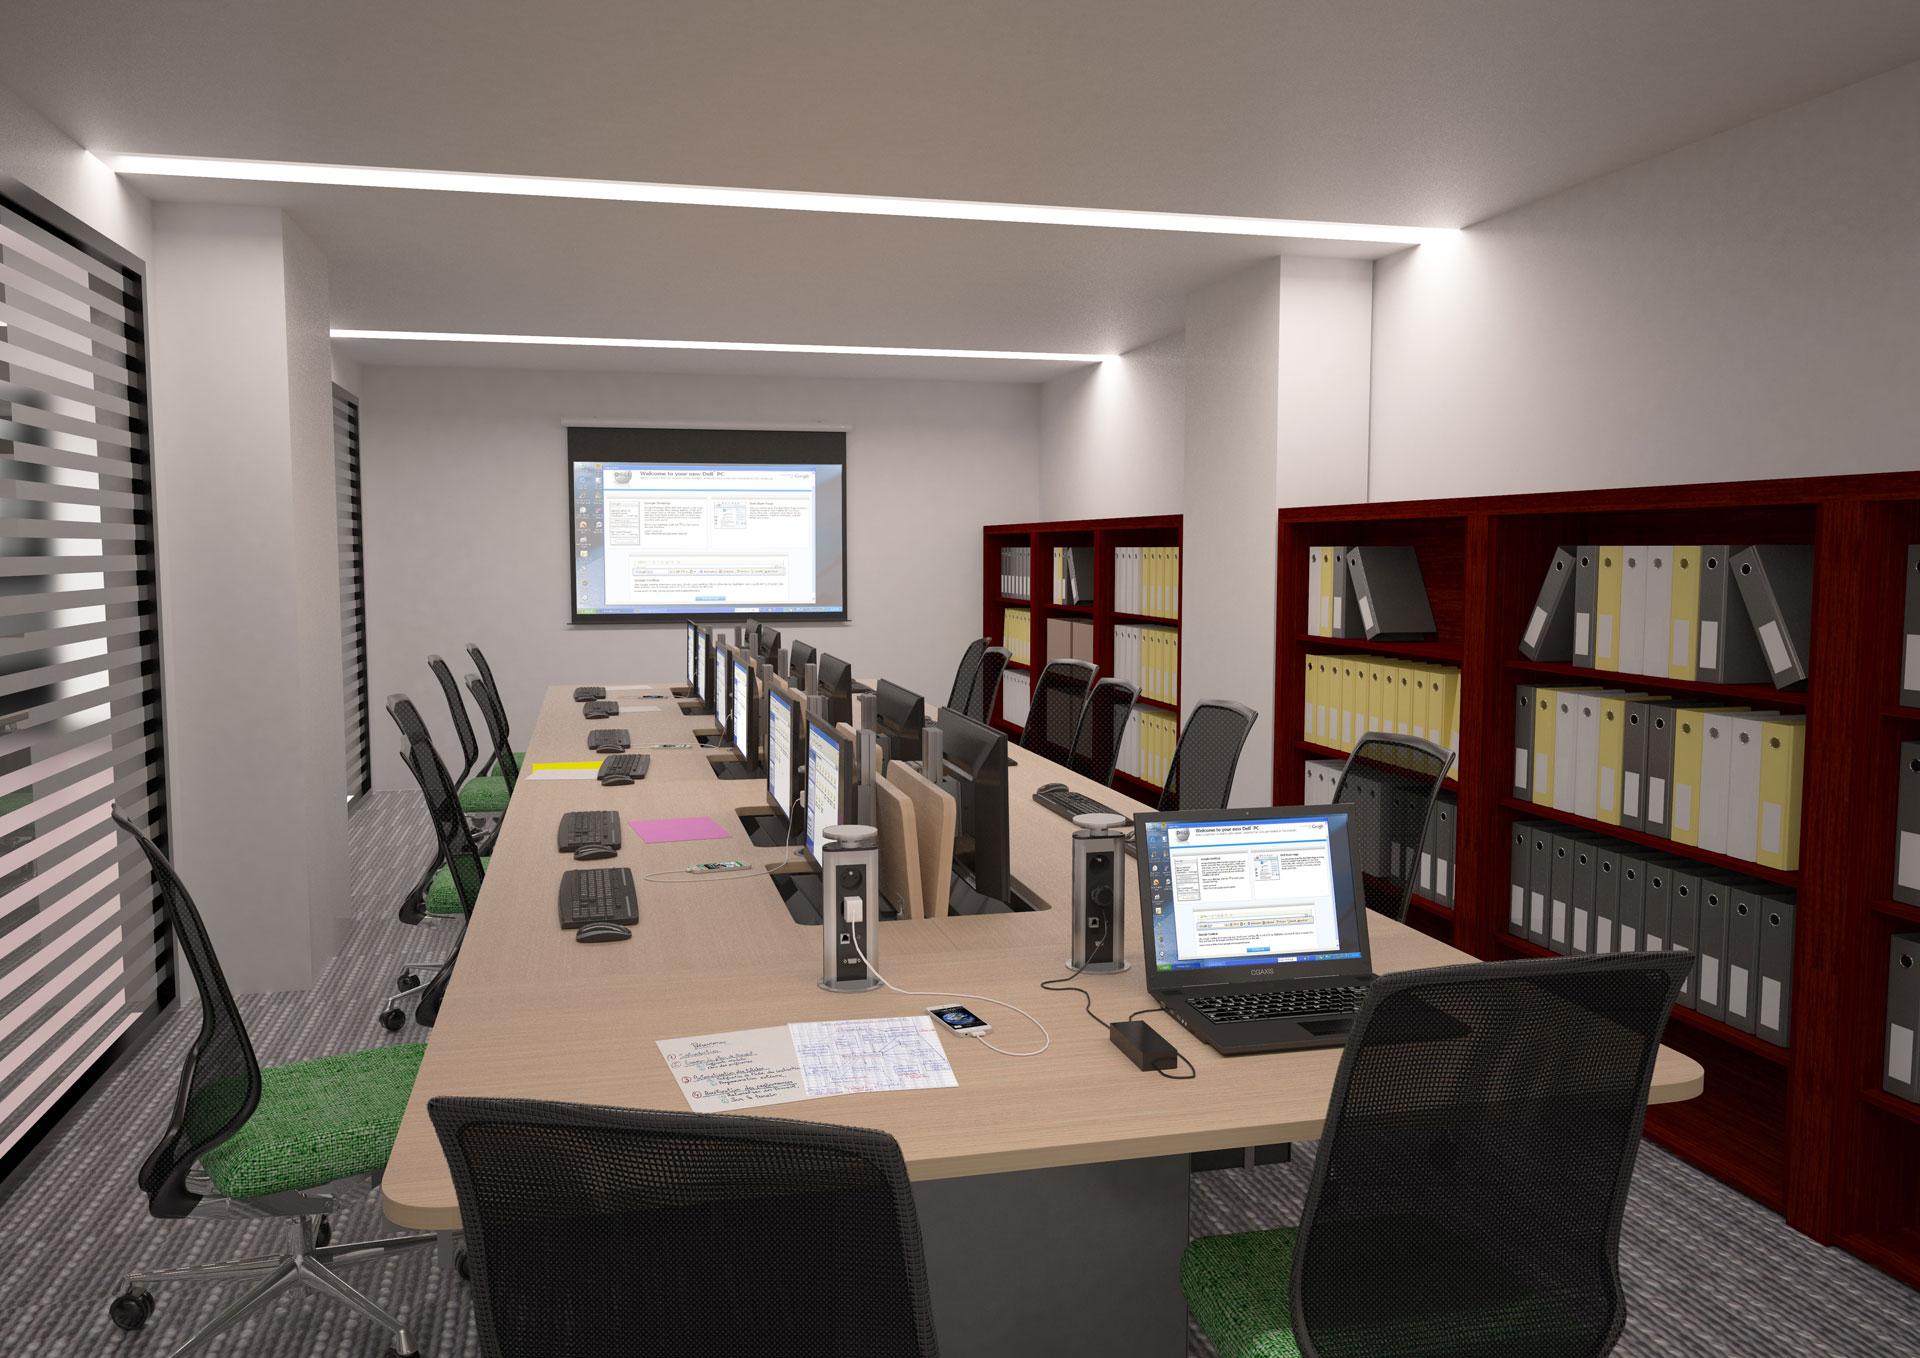 Mobilier pour salles de formation modulable en salle de réunion